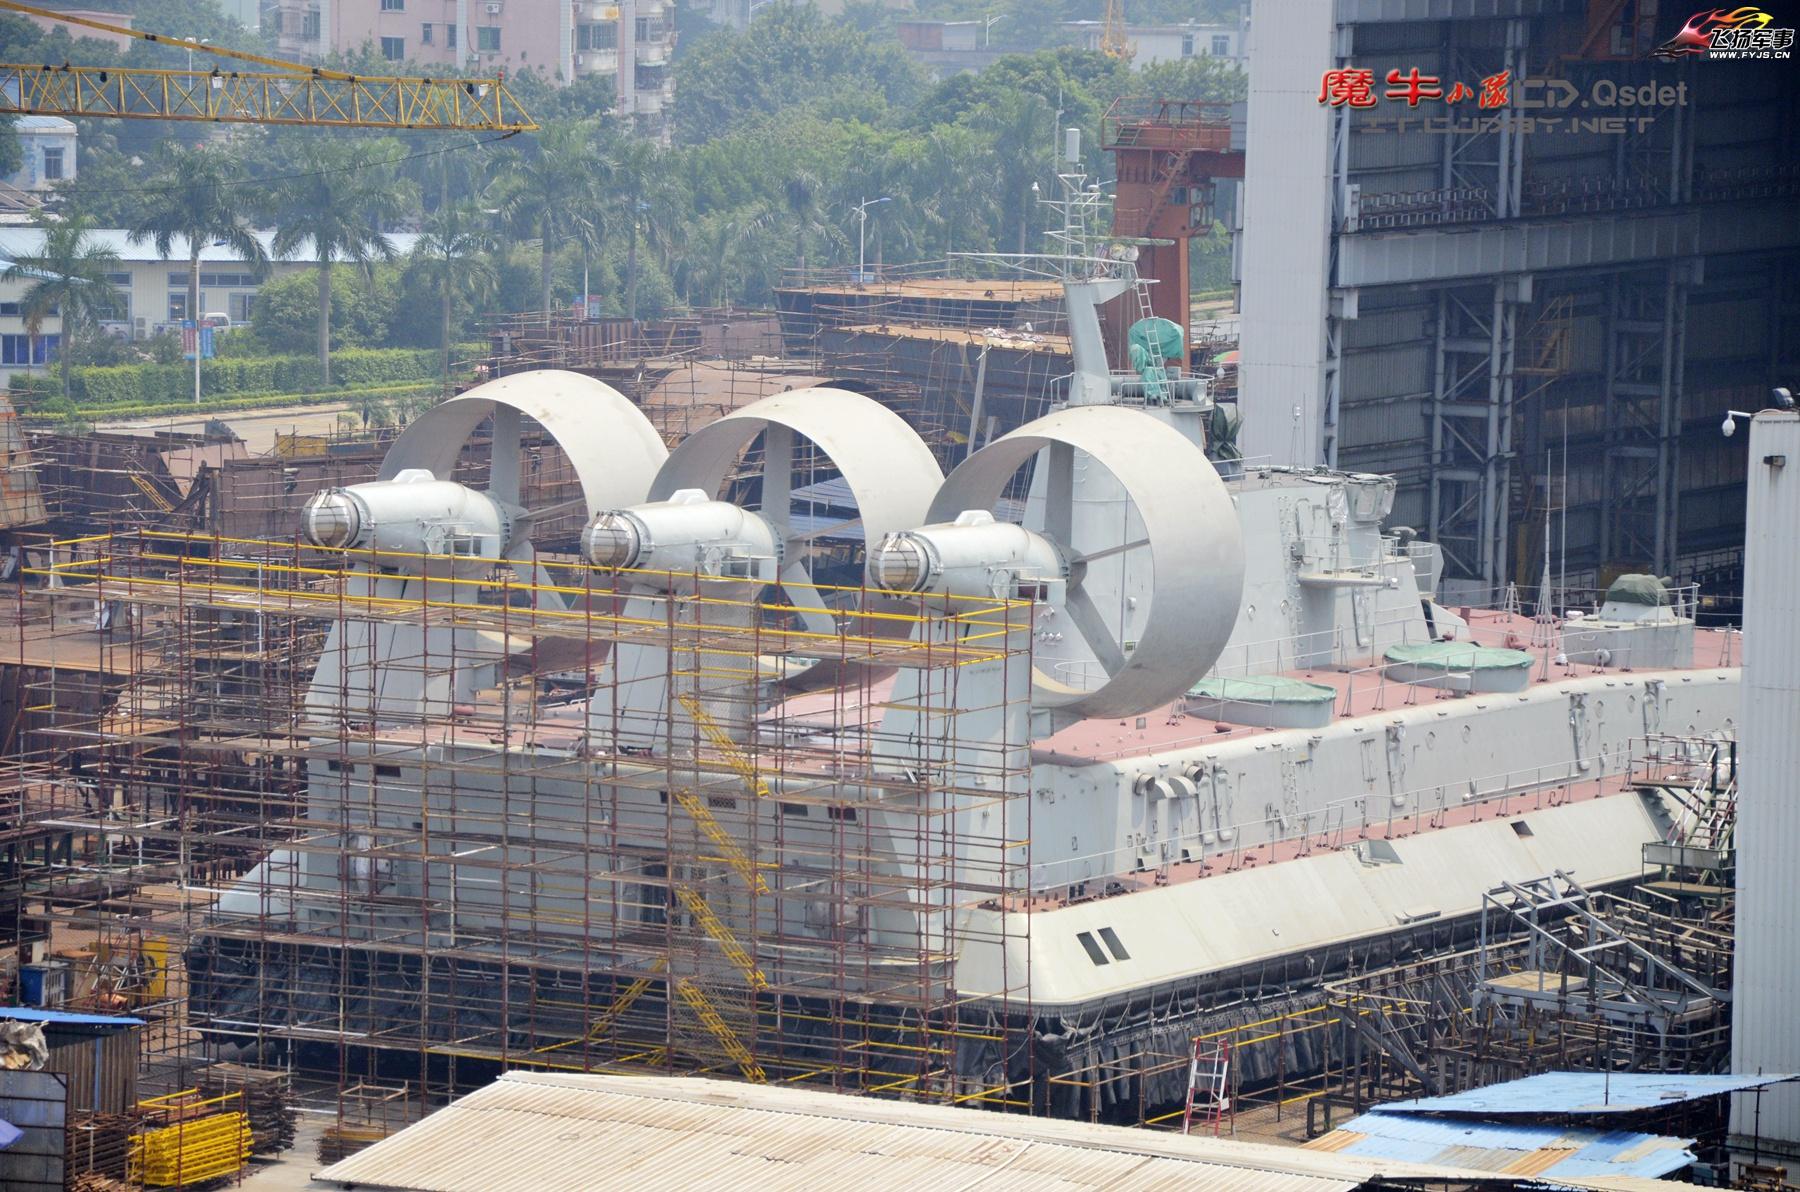 Le 3ème Zubr assemblé en Chine, avant l'arrêt des travaux en 2014.